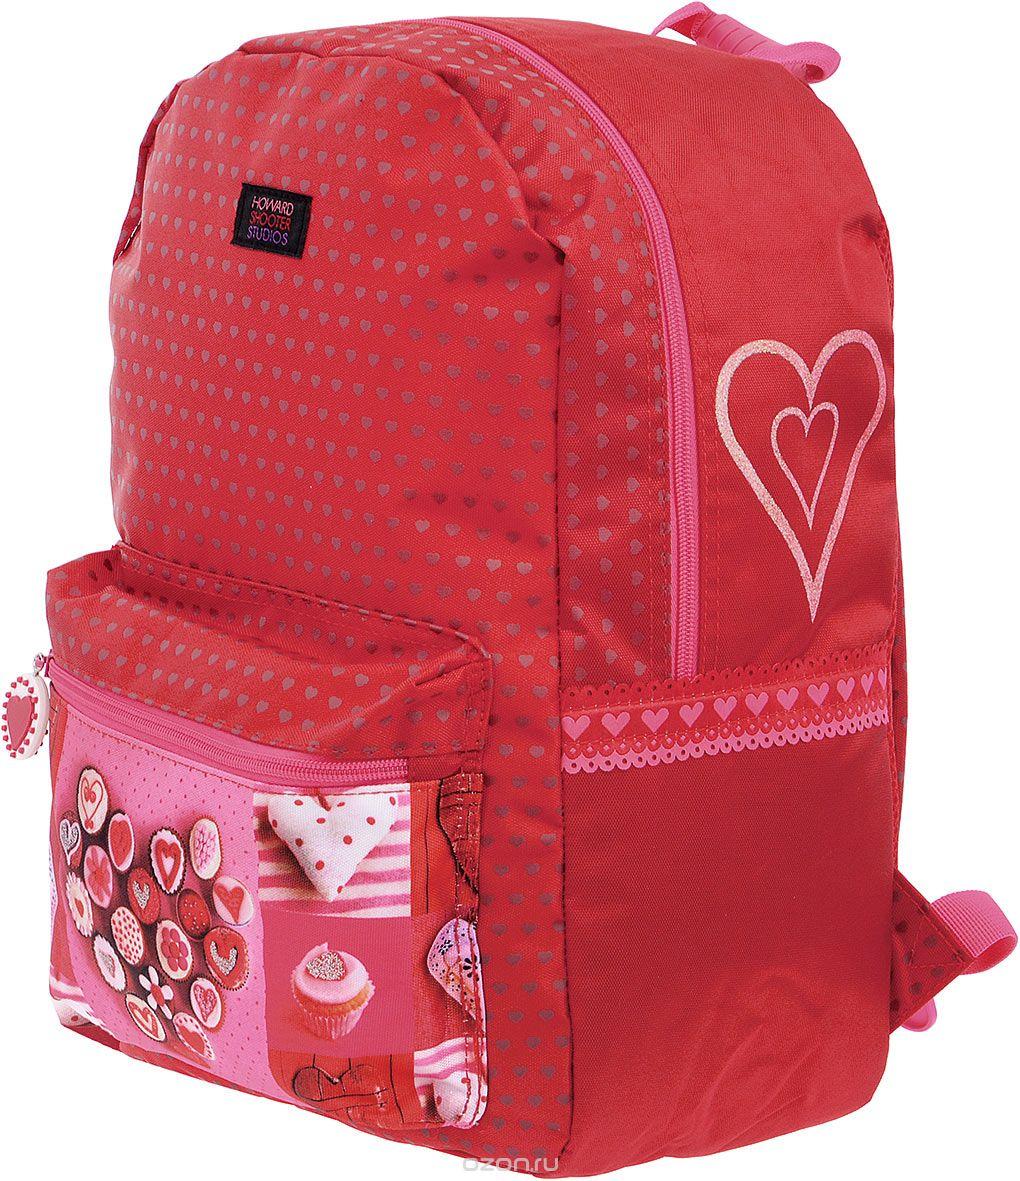 Рюкзак школьный Proff Hearts, HS16-BP-01 ранец школьный для мальчика proff vs16 bp 08 черный